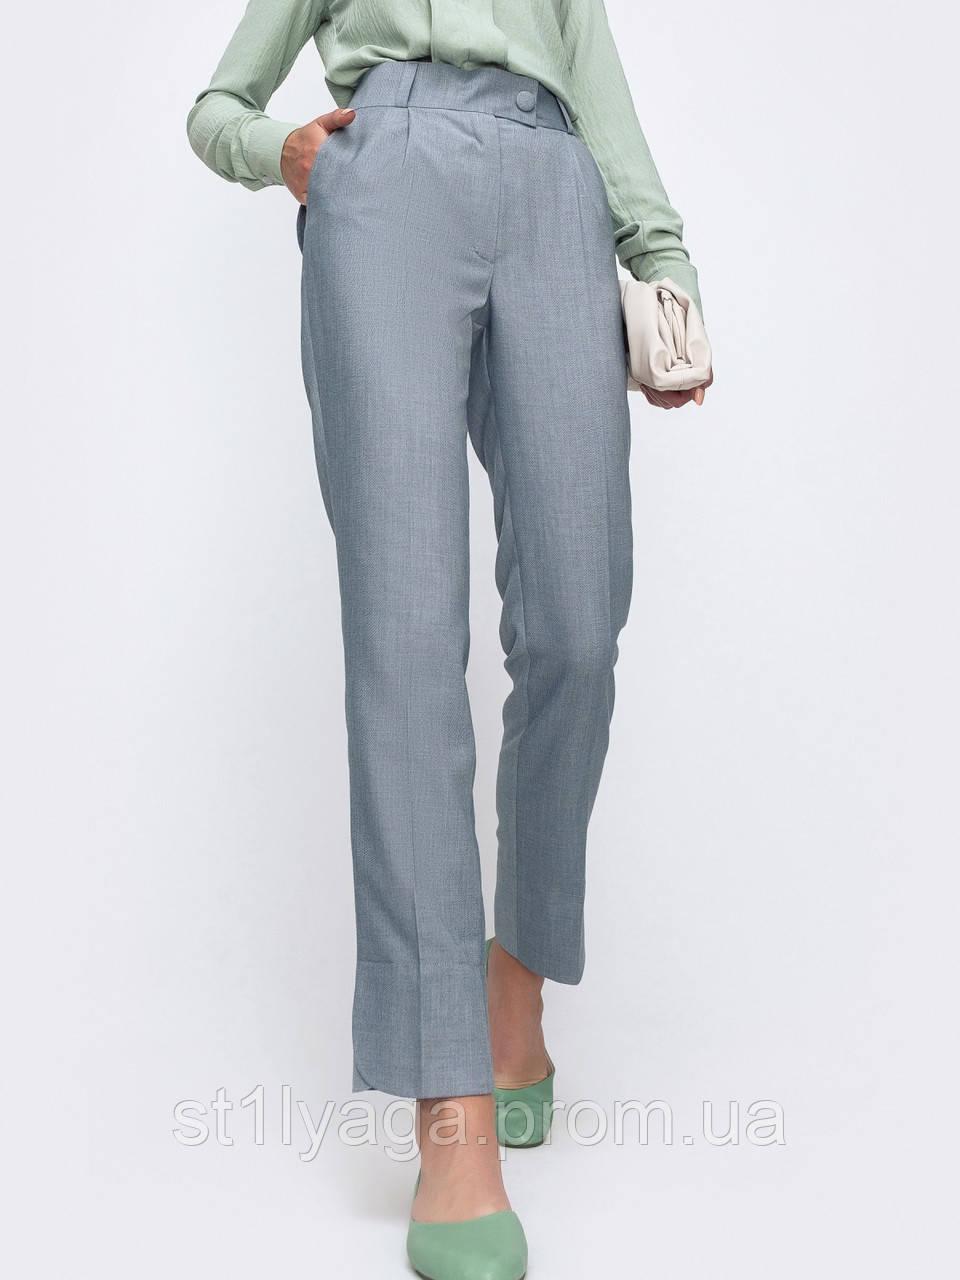 Зауженные брюки с поясом на резинке